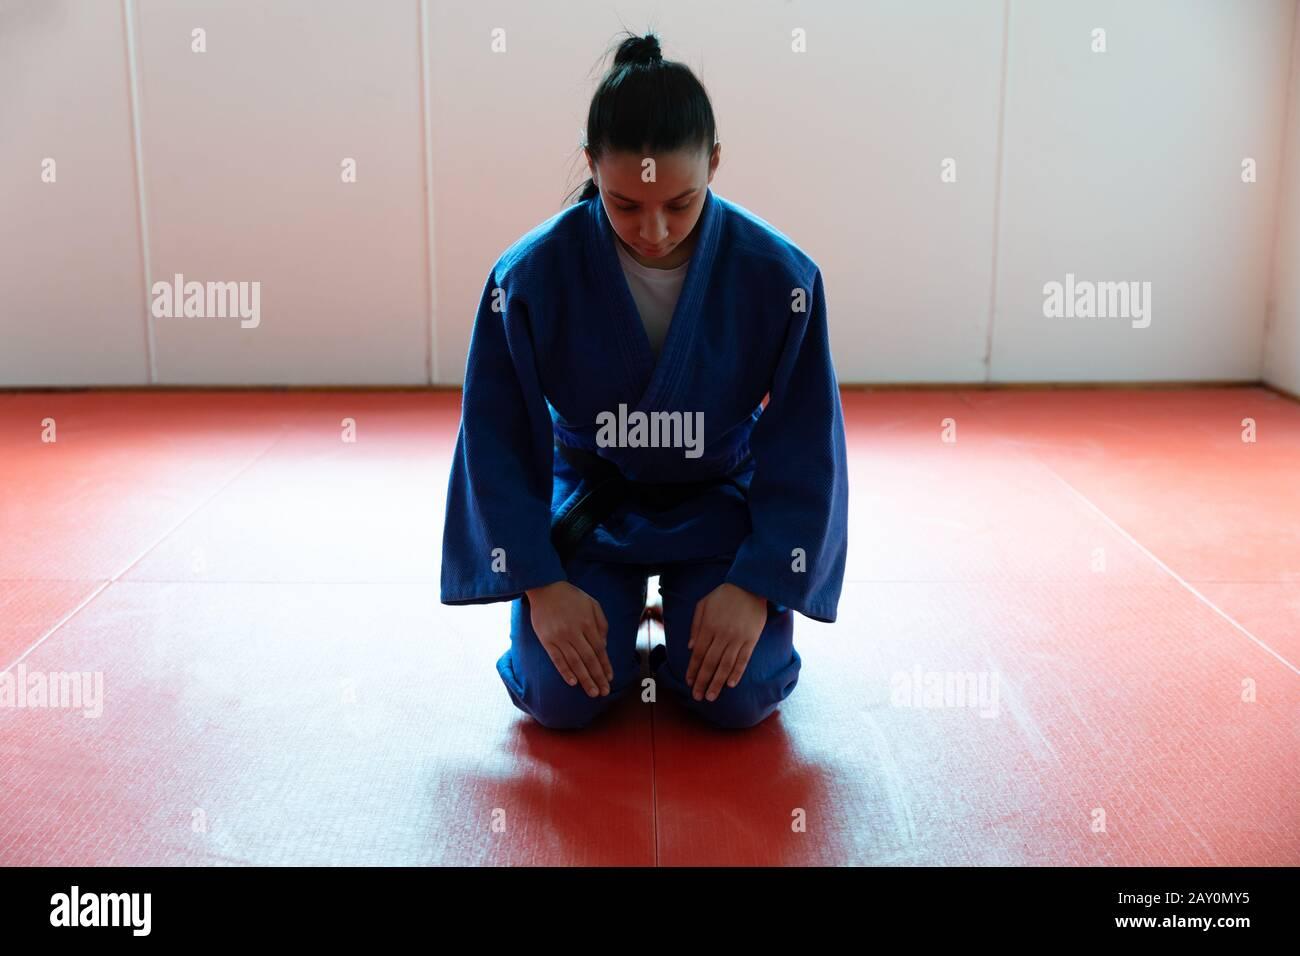 Salutation de judoka dans la salle de gym Banque D'Images